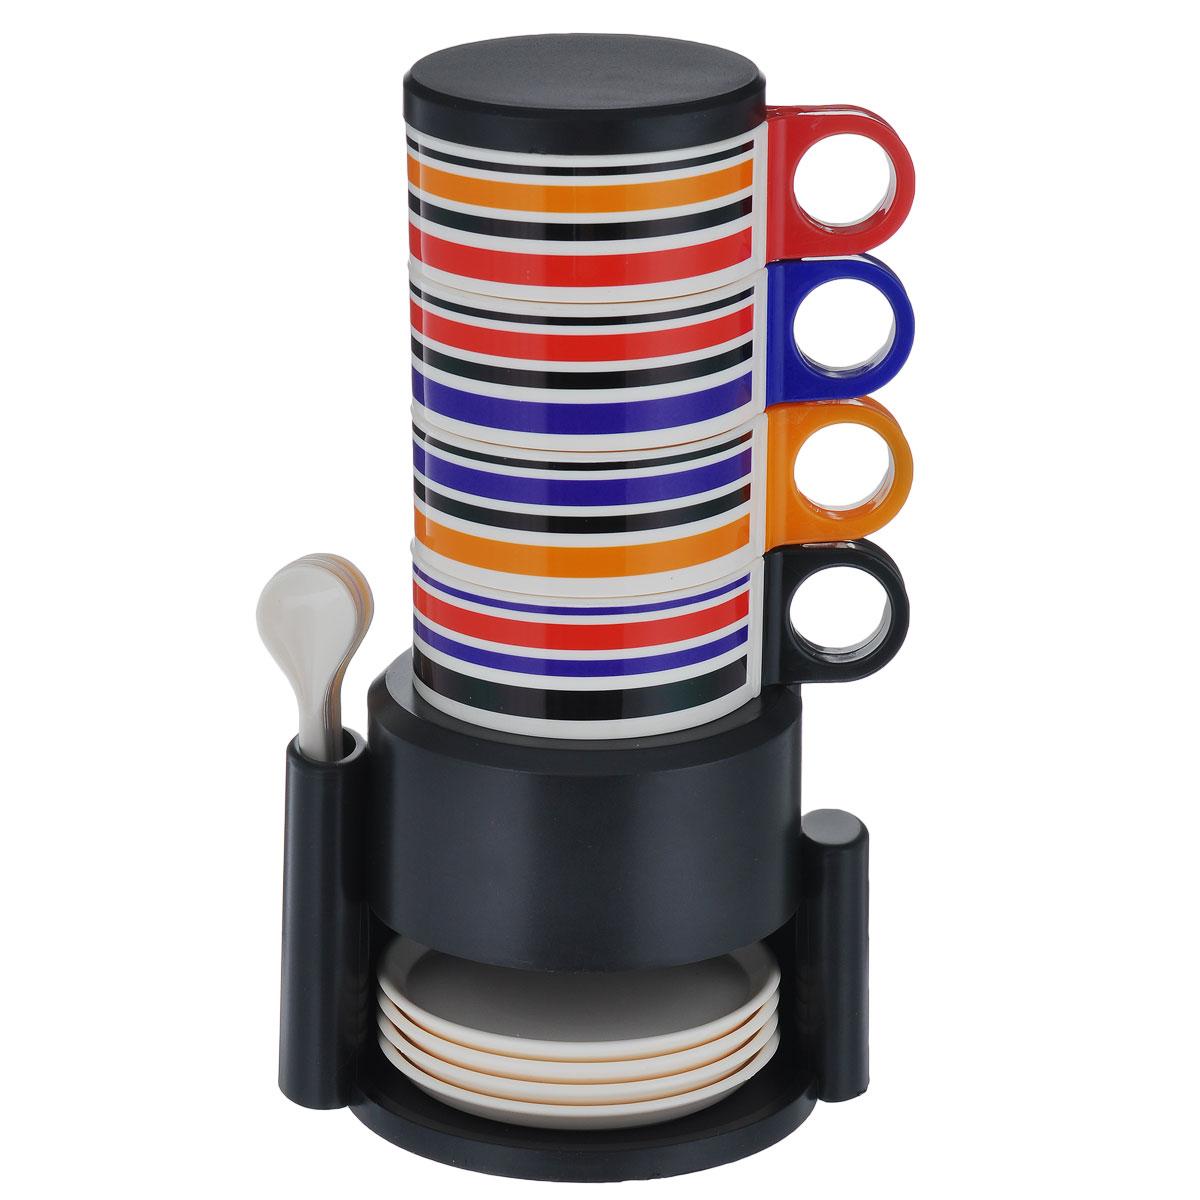 Набор посуды Bradex Чаепитие, 14 предметовTK 0125Вечерами приятно посидеть с чашечкой чая или кофе в компании друзей. Набор посуды Bradex Чаепитие подойдет для тесной компании из четырех человек. Чашки вместе с блюдцами и очаровательными ложечками удобно хранить в специальной подставке, которая не занимает много места на кухне. Состав набора: 4 чашки, 4 блюдца, 4 ложки, крышка, подставка. Высота кружек: 8,5 см. Диаметр кружек по верхнему краю: 8,5 см. Диаметр кружек по дну: 6,3 см. Диаметр крышки: 8,5 см. Длина ложек: 12,2 см. Диаметр блюдец: 9,9 см. Высота блюдец: 1 см. Размер подставки: 12 см х 14,8 см х 10,5.